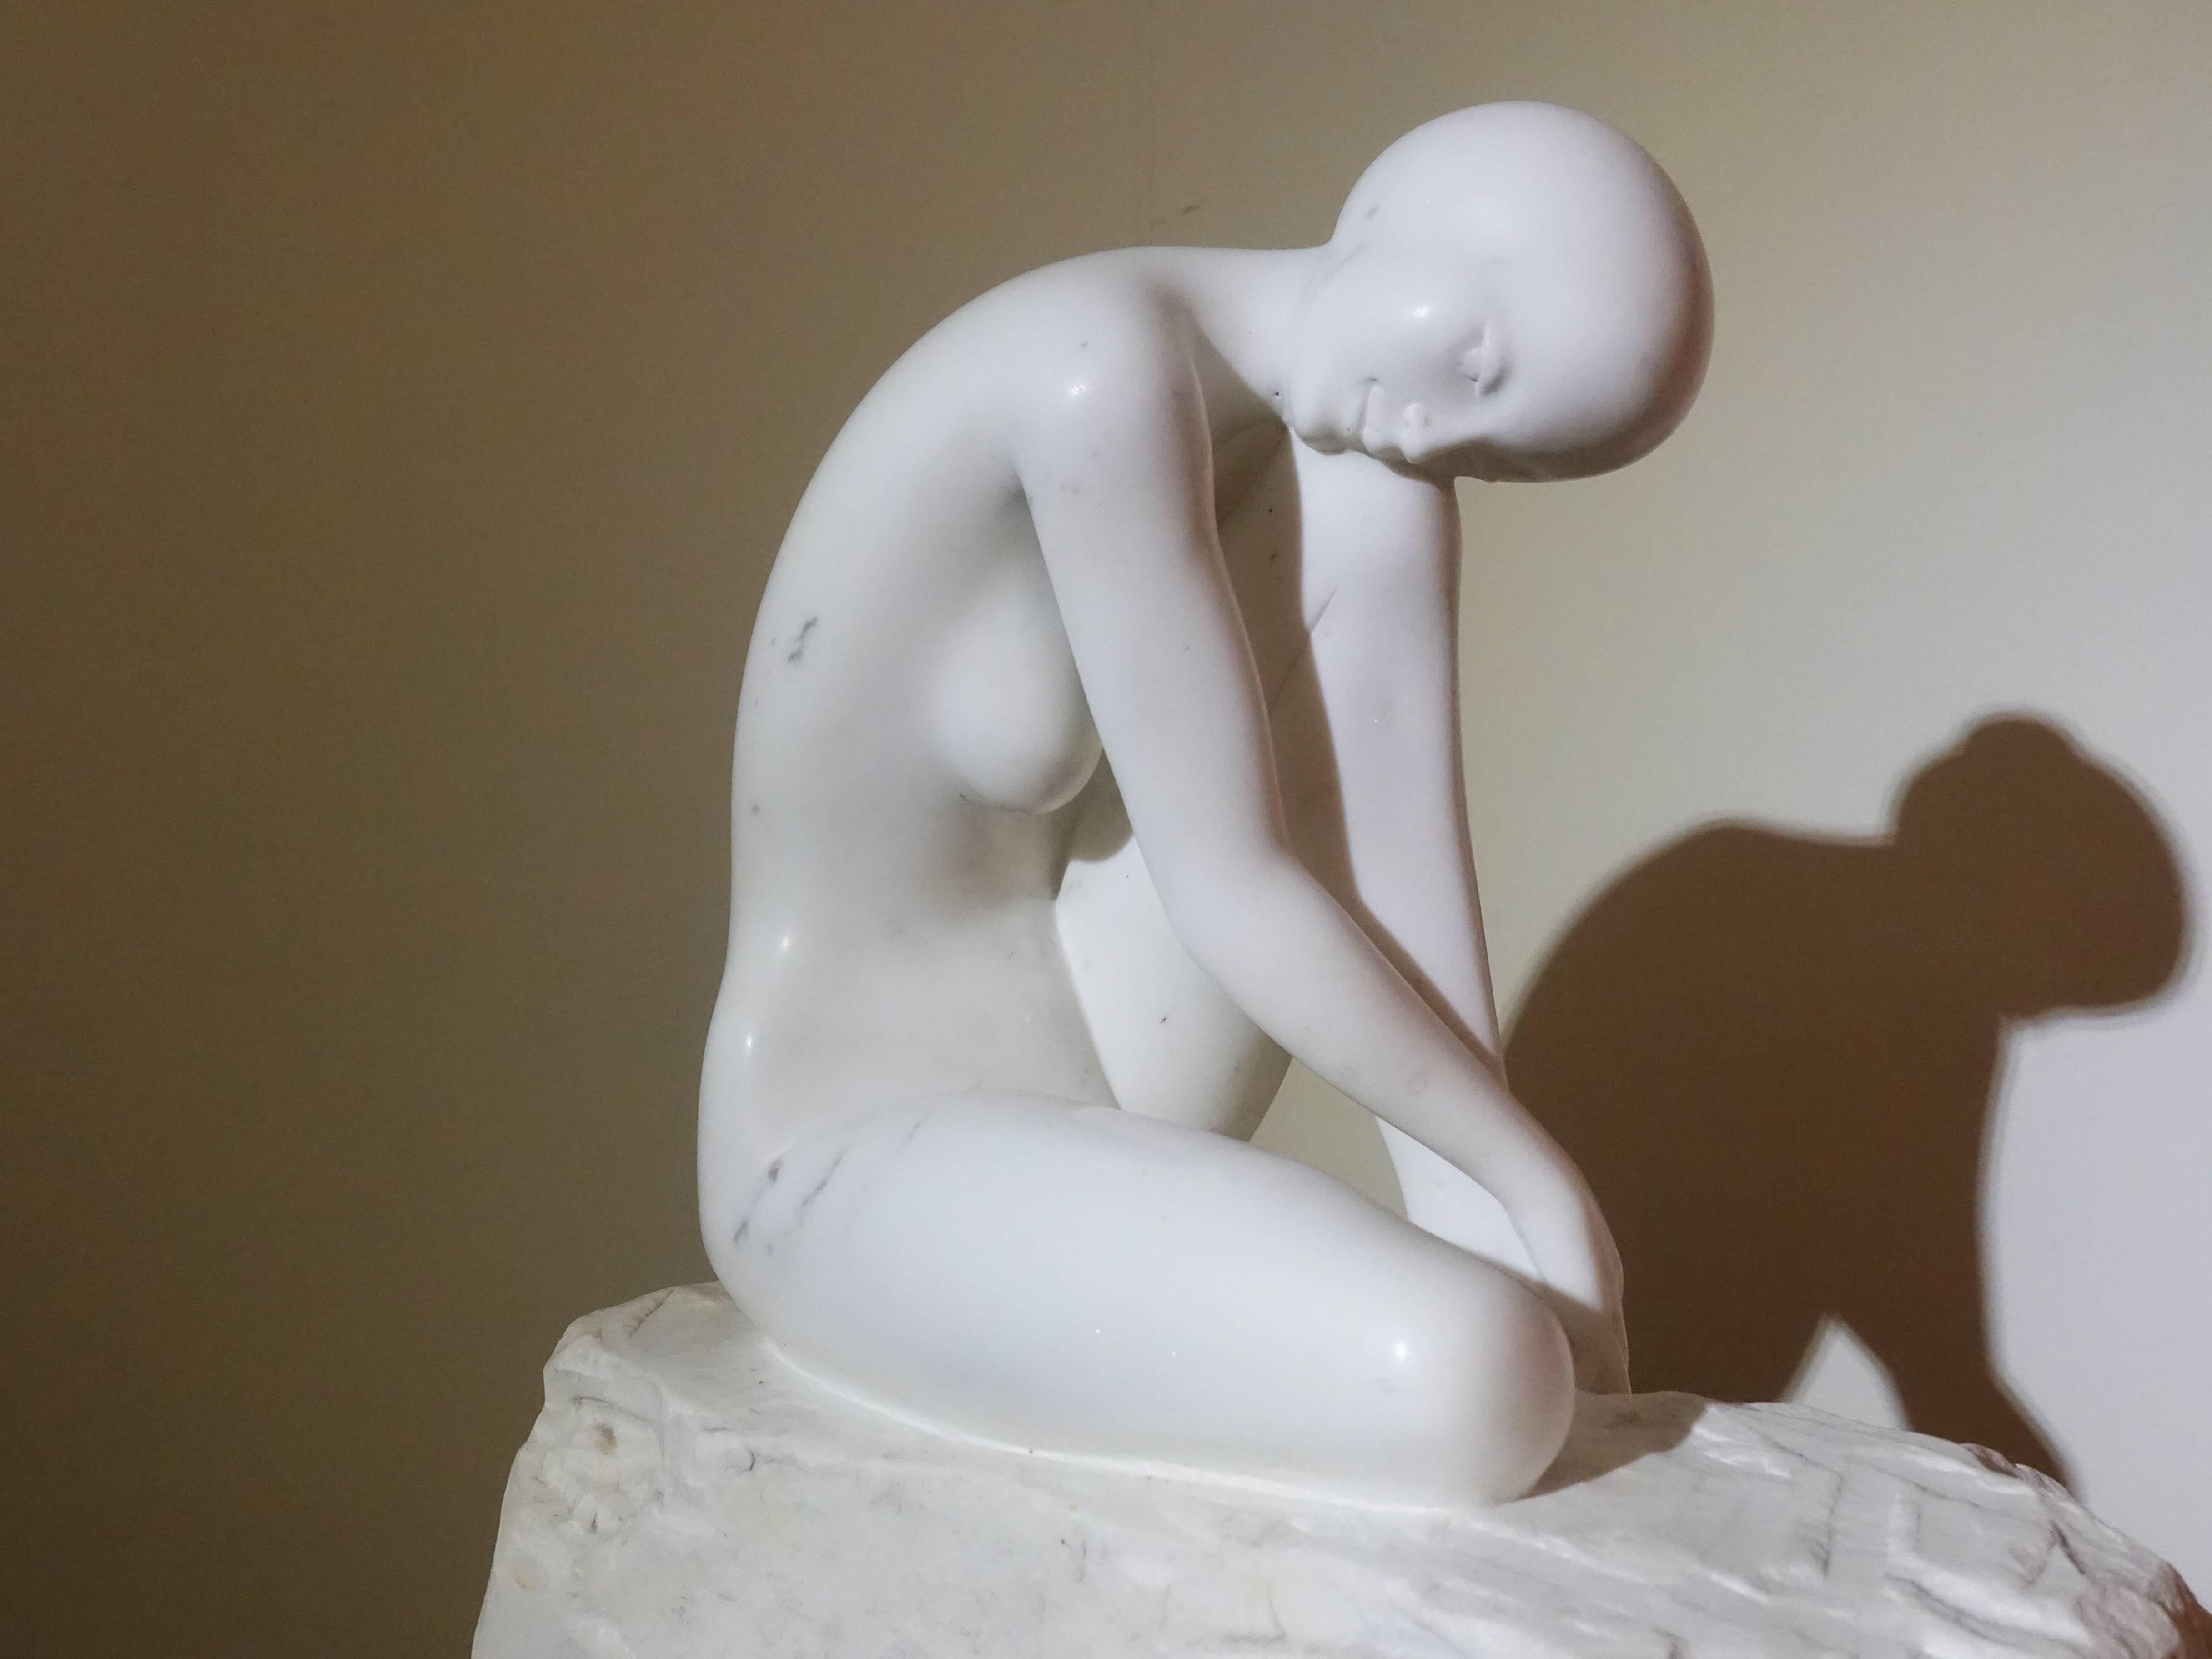 張國榮,《沉酣》細節,45 x 40 x 60 cm,卡拉拉大理石,2013。